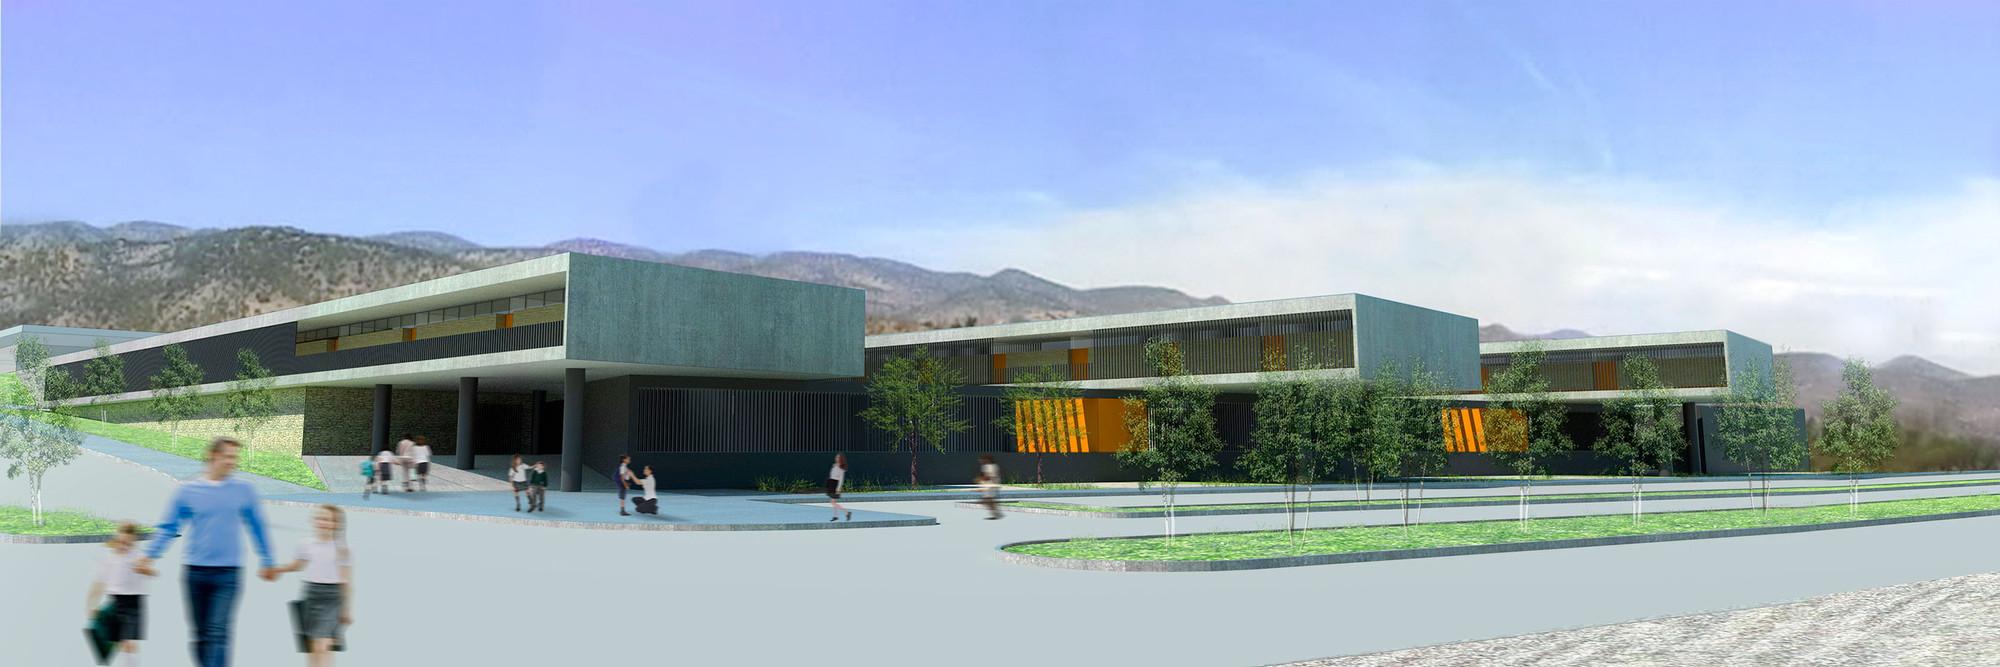 Tercer Lugar Concurso Liceo Alemán de Chicureo: Iglesis Prat Arquitectos + Meruane Arquitectos, Courtesy of Iglesis Prat Arquitectos y Meruane Arquitectos